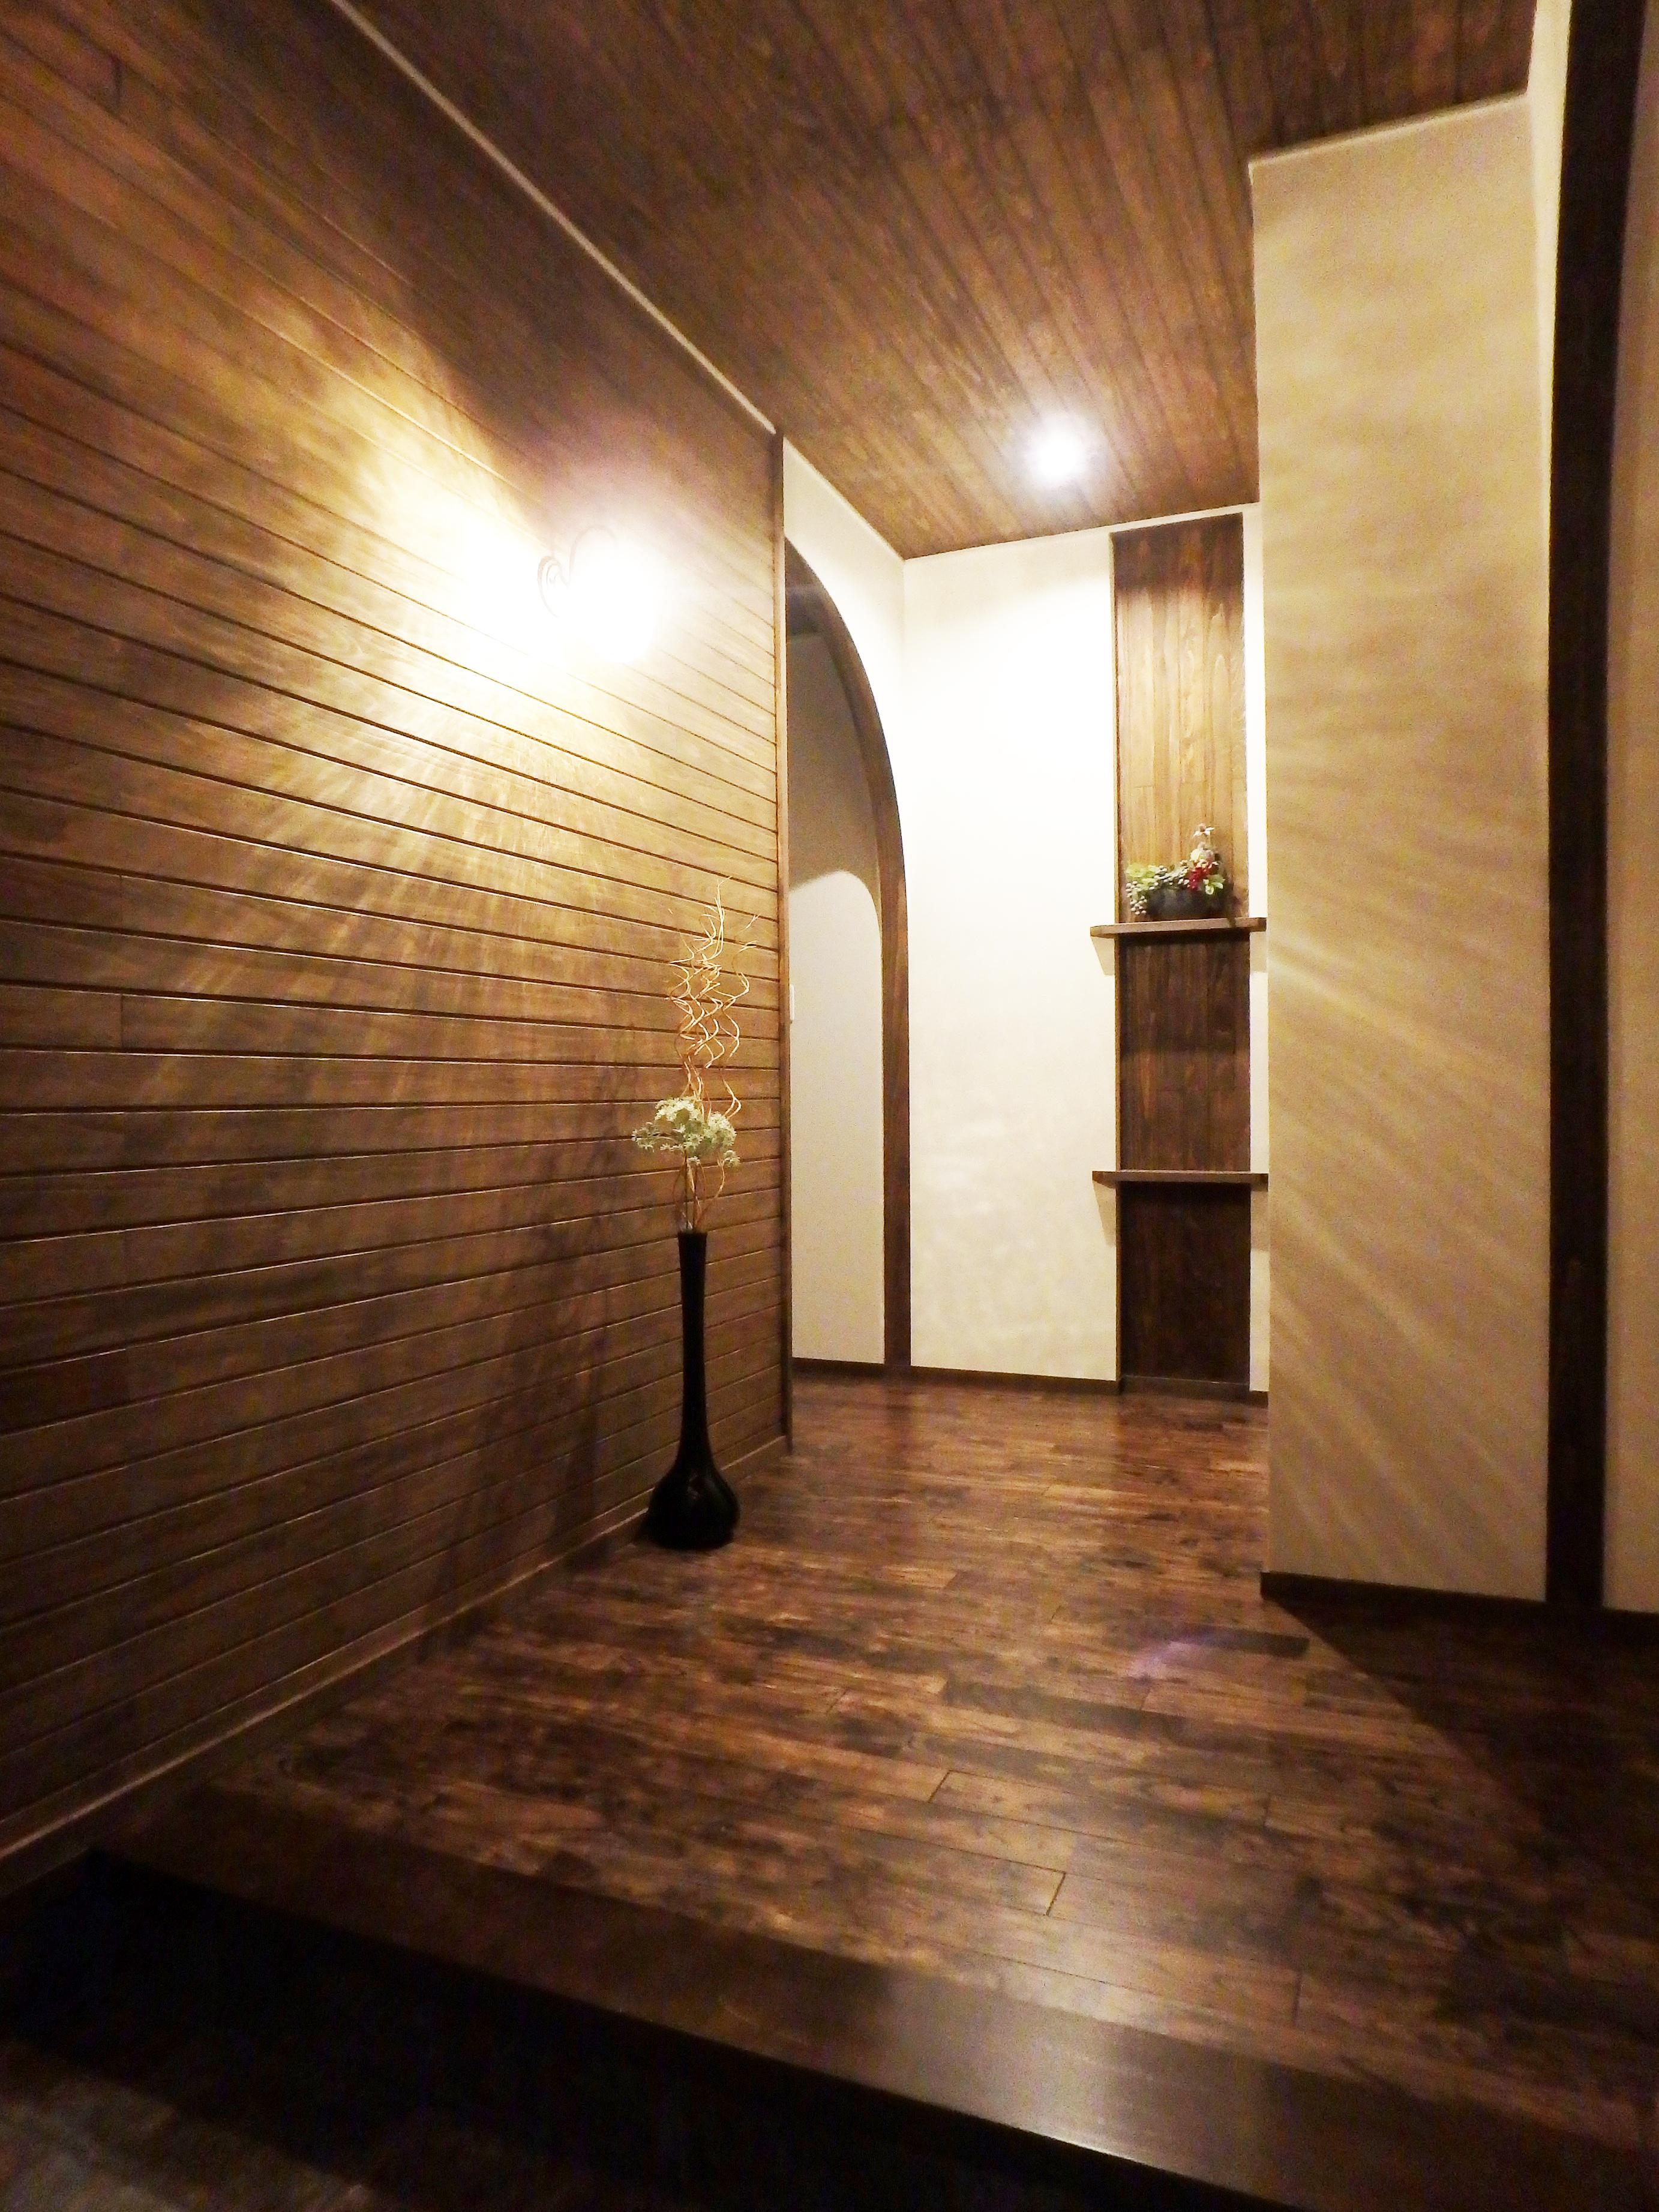 TDホーム静岡西 ウエストンホームズ【デザイン住宅、自然素材、平屋】玄関を照らす照明にはうっすらと影が。照明にもこだわり光と影の競演を楽しむことができている